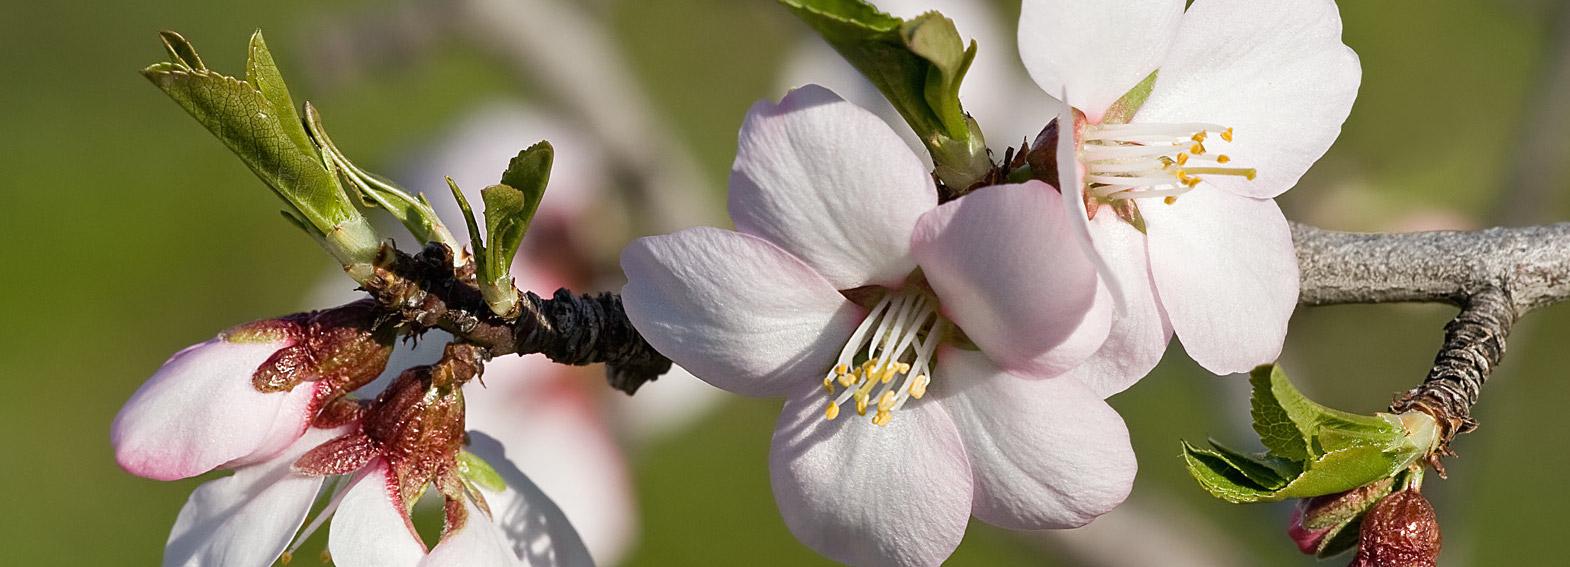 Цветы миндального дерева : новая увлажняющая линия KORRES Almond Blossom